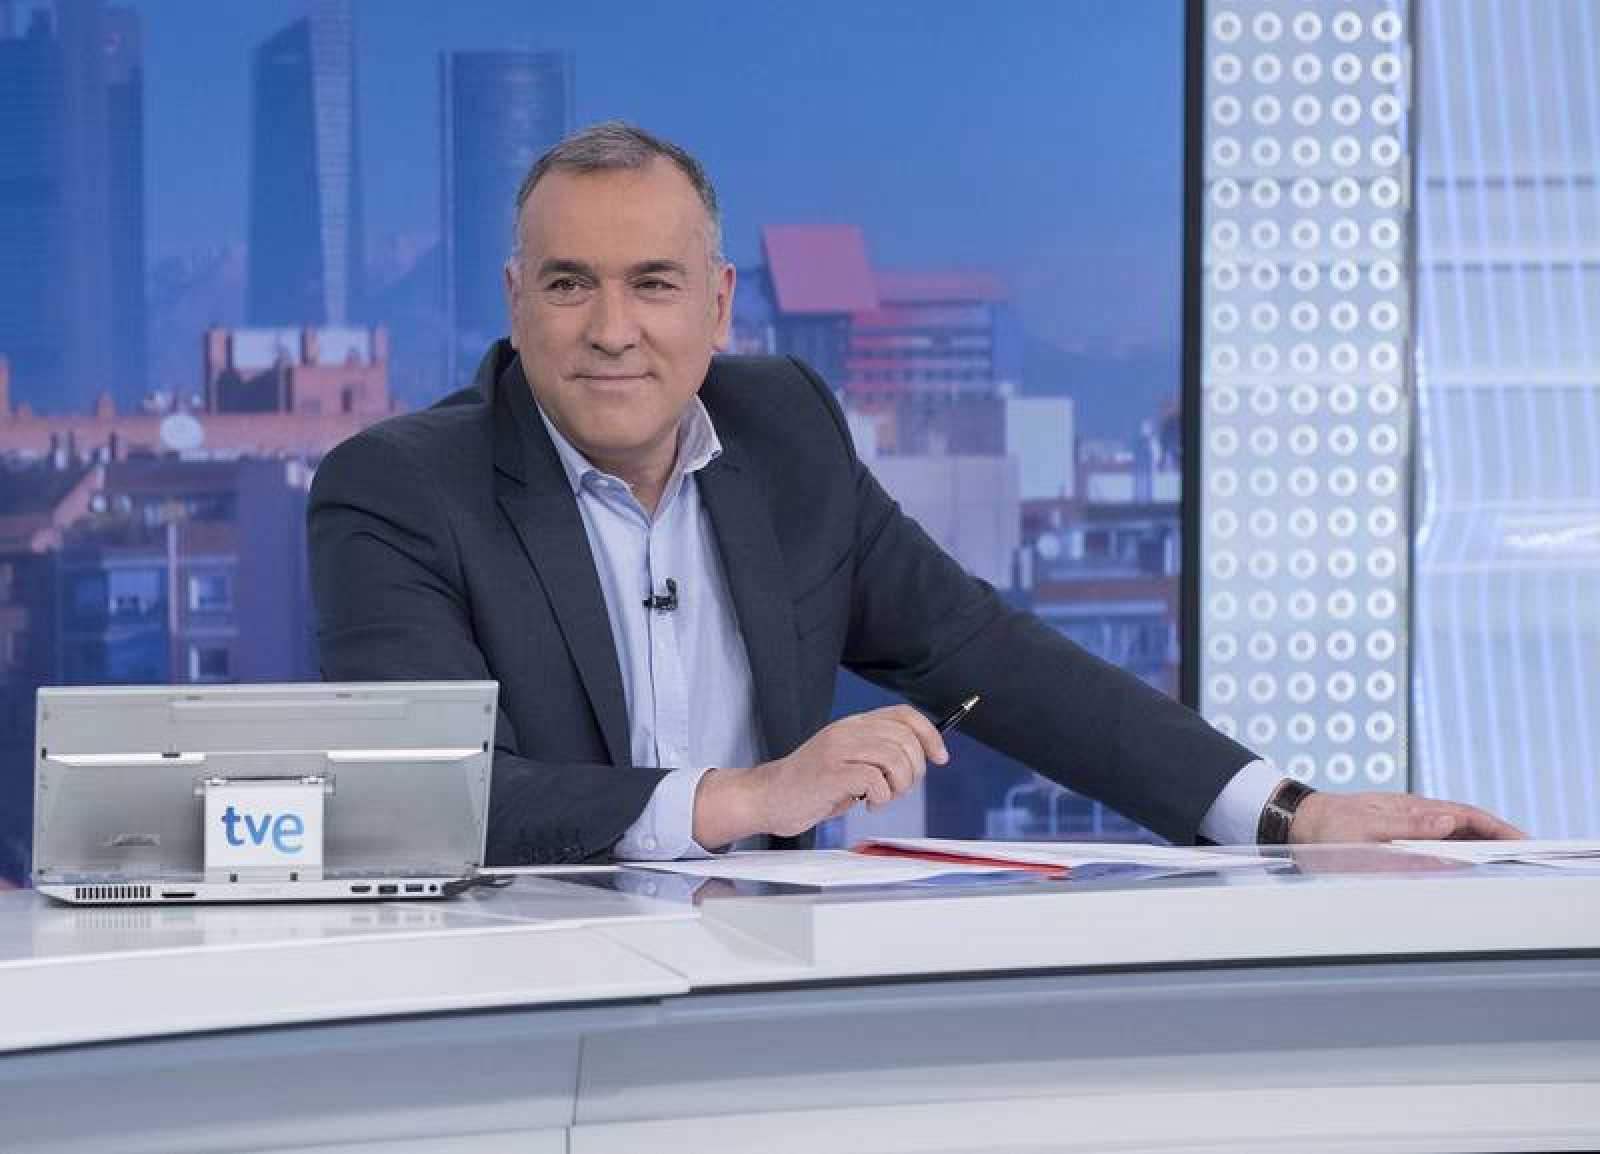 En RTVE, los de la memoria histórica se mostraron muy preocupados: puede haber atentados fascistas